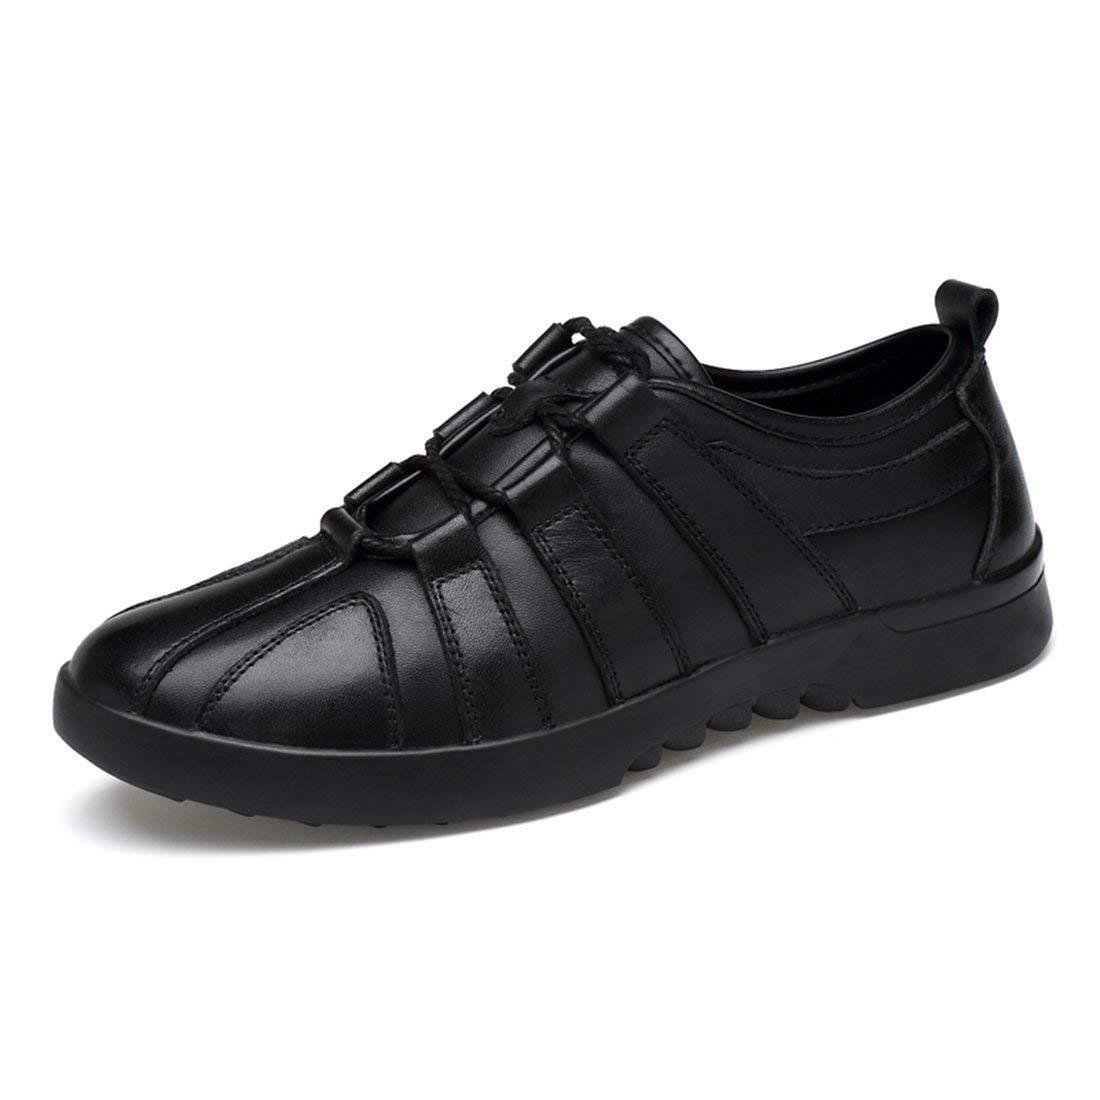 Black Qiusa Boy's Men's Lace-up Tie Cap-Toe Outdoor Walking shoes (color   Black, Size   7.5 UK)